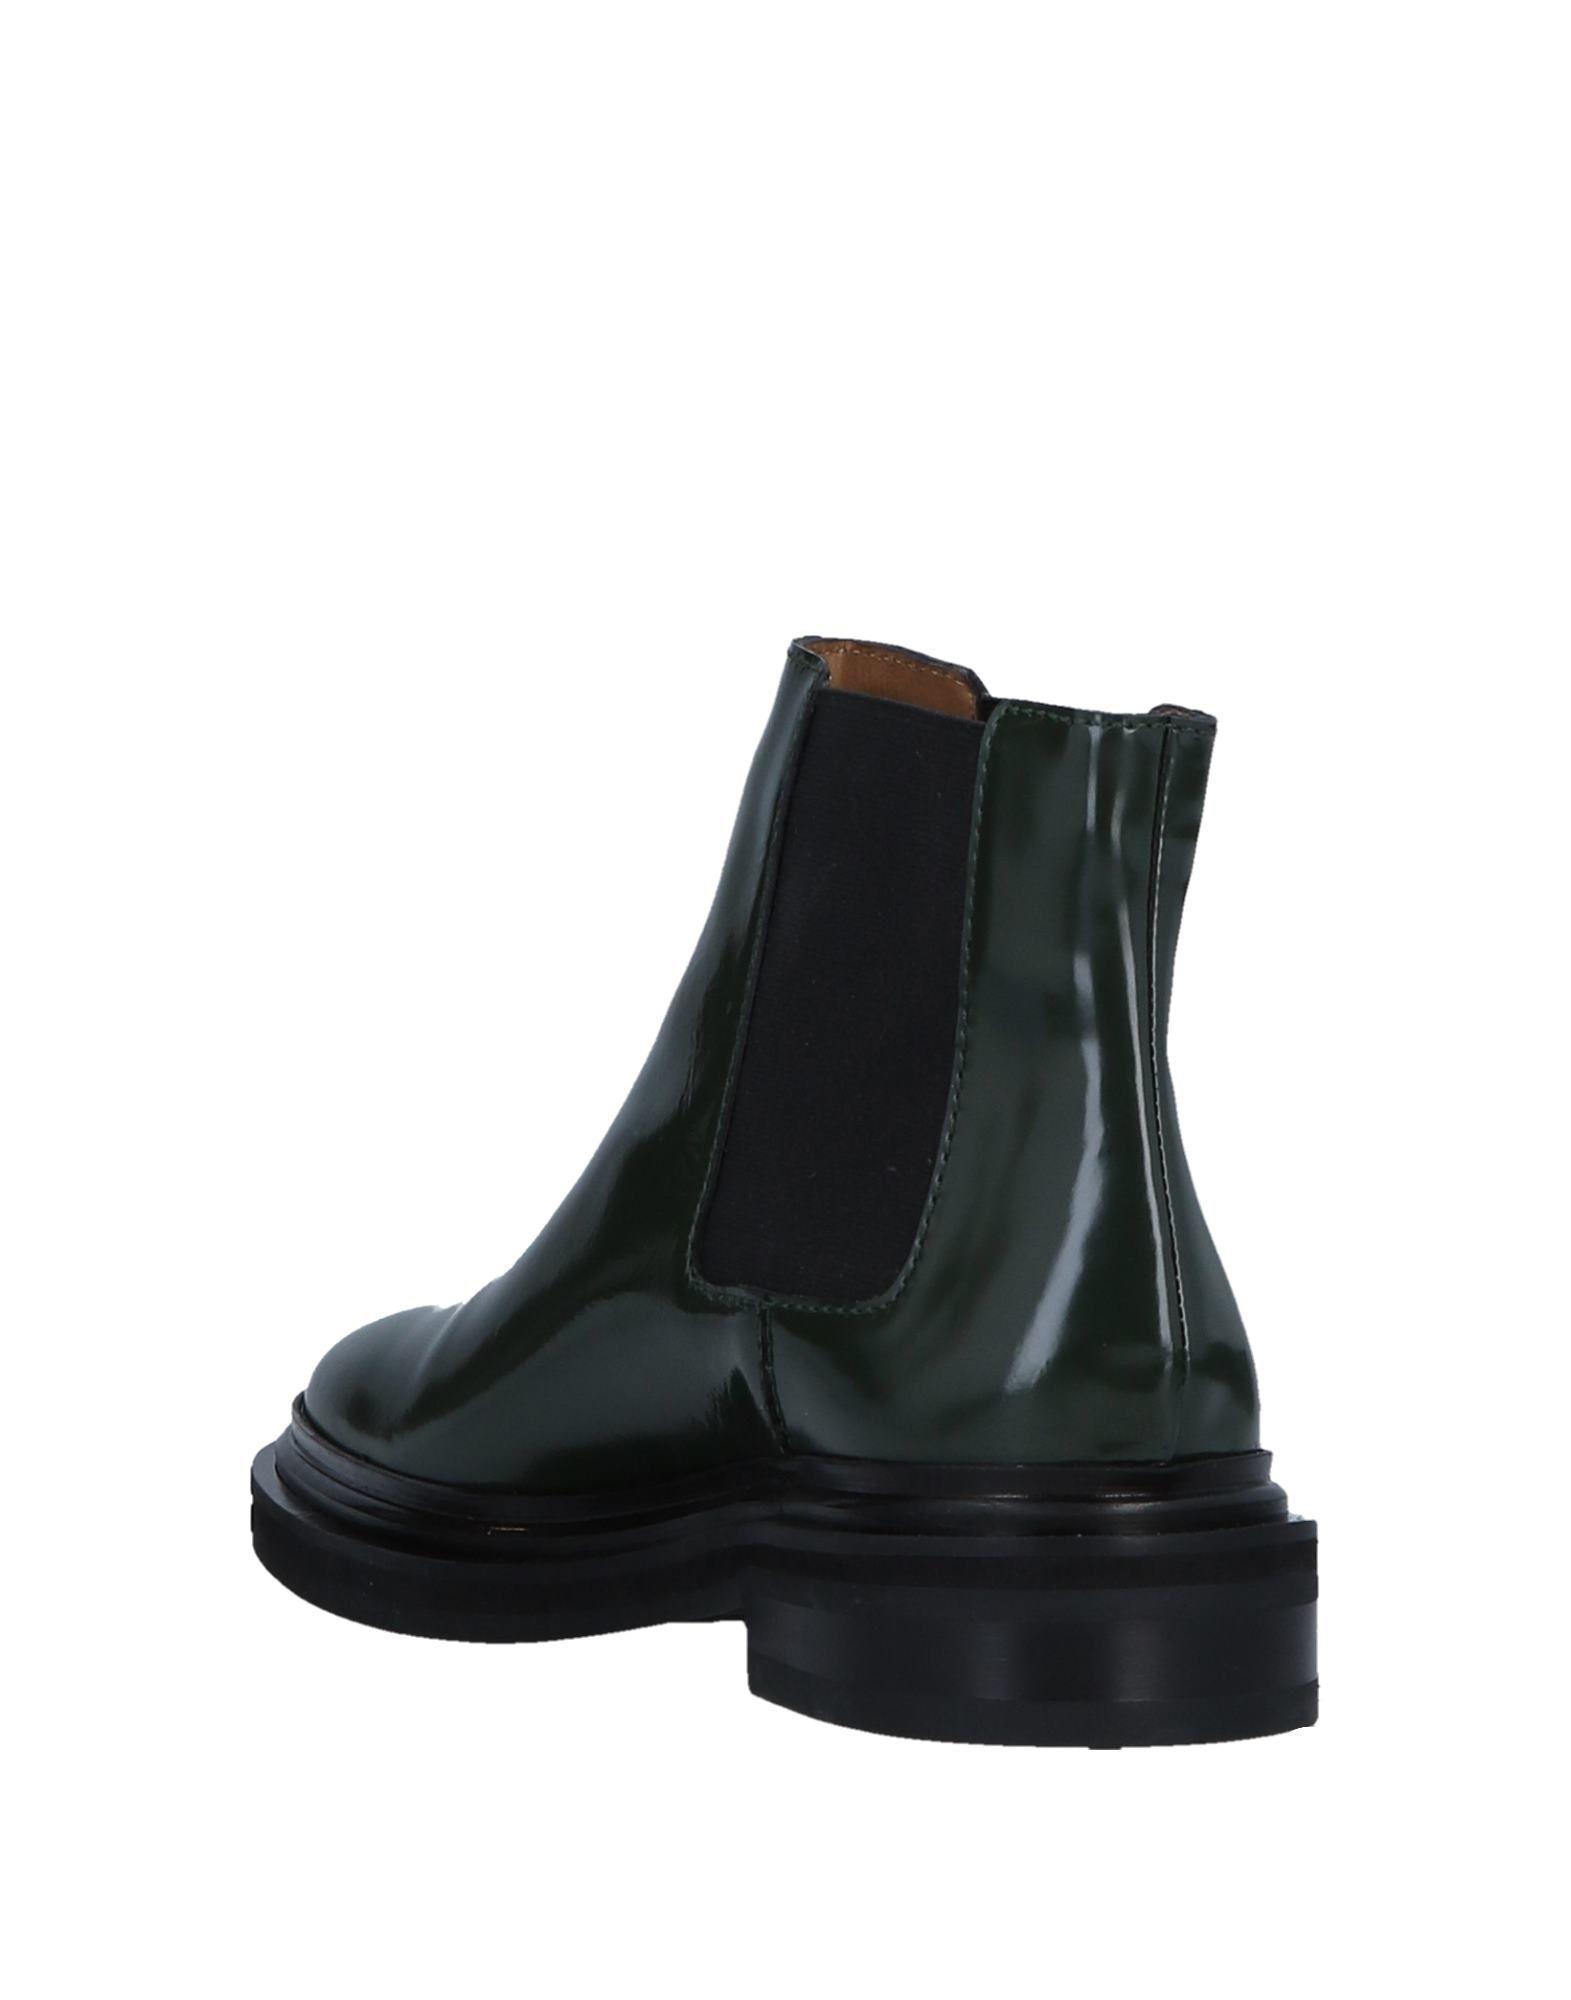 Rabatt Schuhe Veronique Branquinho  Chelsea Stiefel Damen  Branquinho 11540284UU 073e99